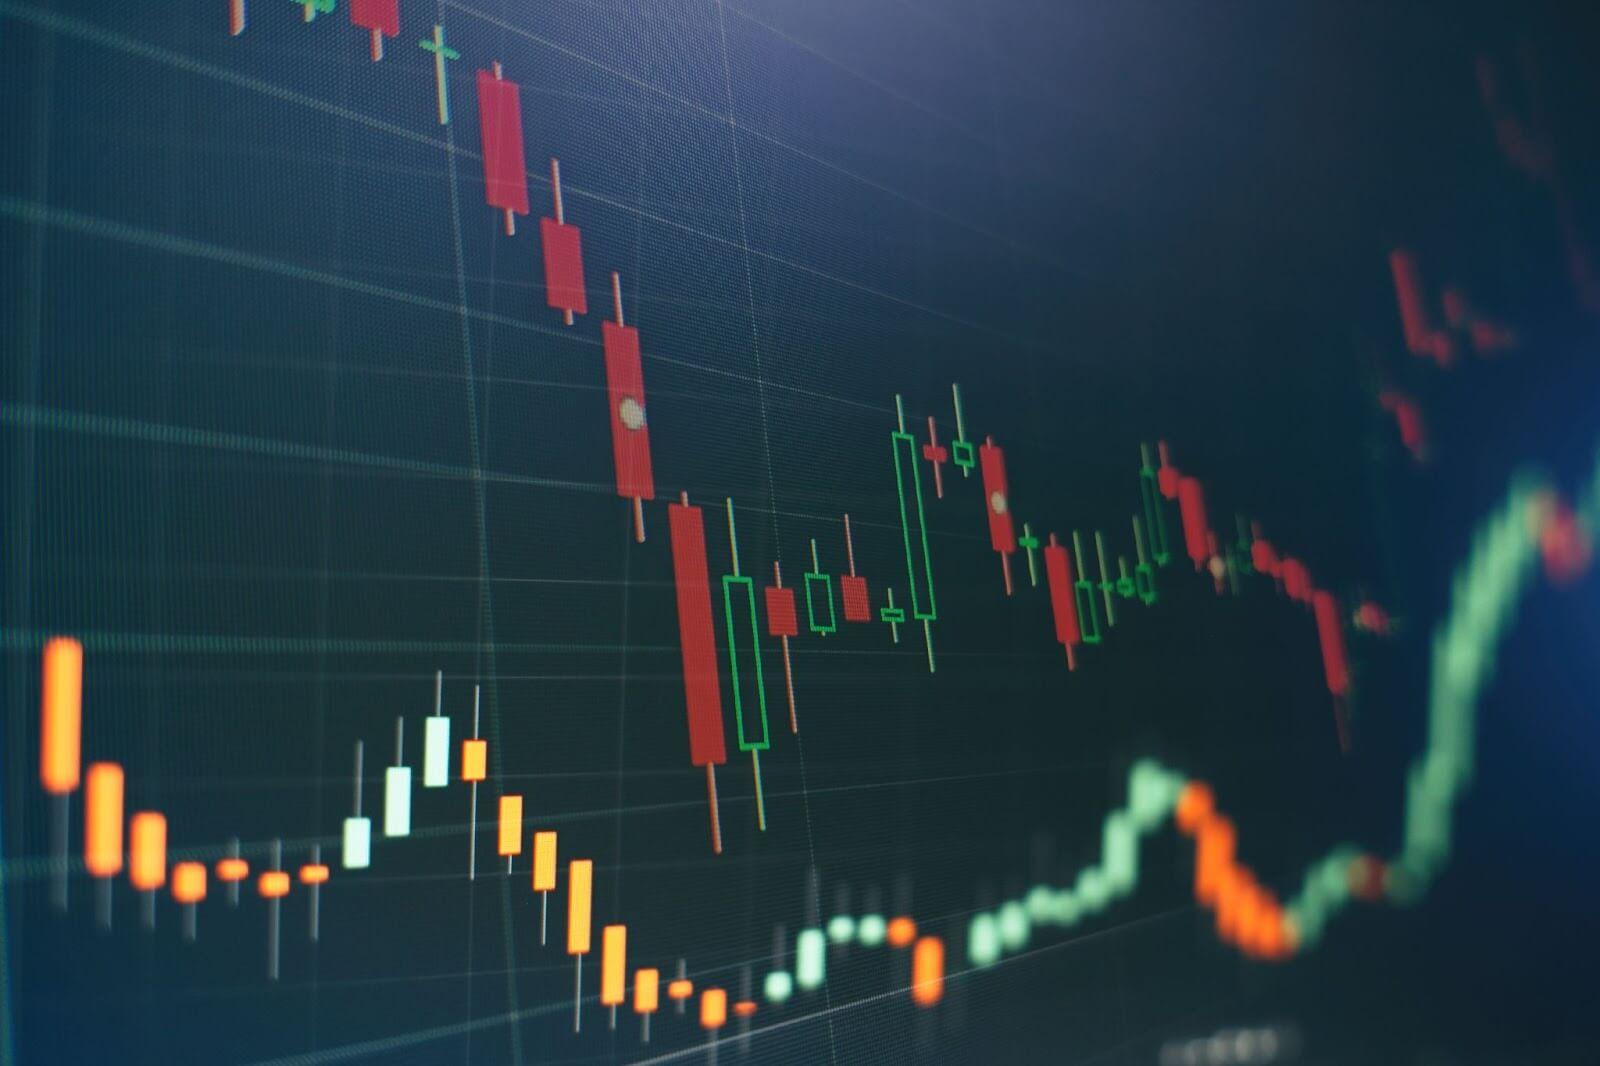 Découvrez où acheter le coin BSC Station en ligne. Les jetons BSCS prennent de la valeur et c'est peut-être le bon moment pour investir.